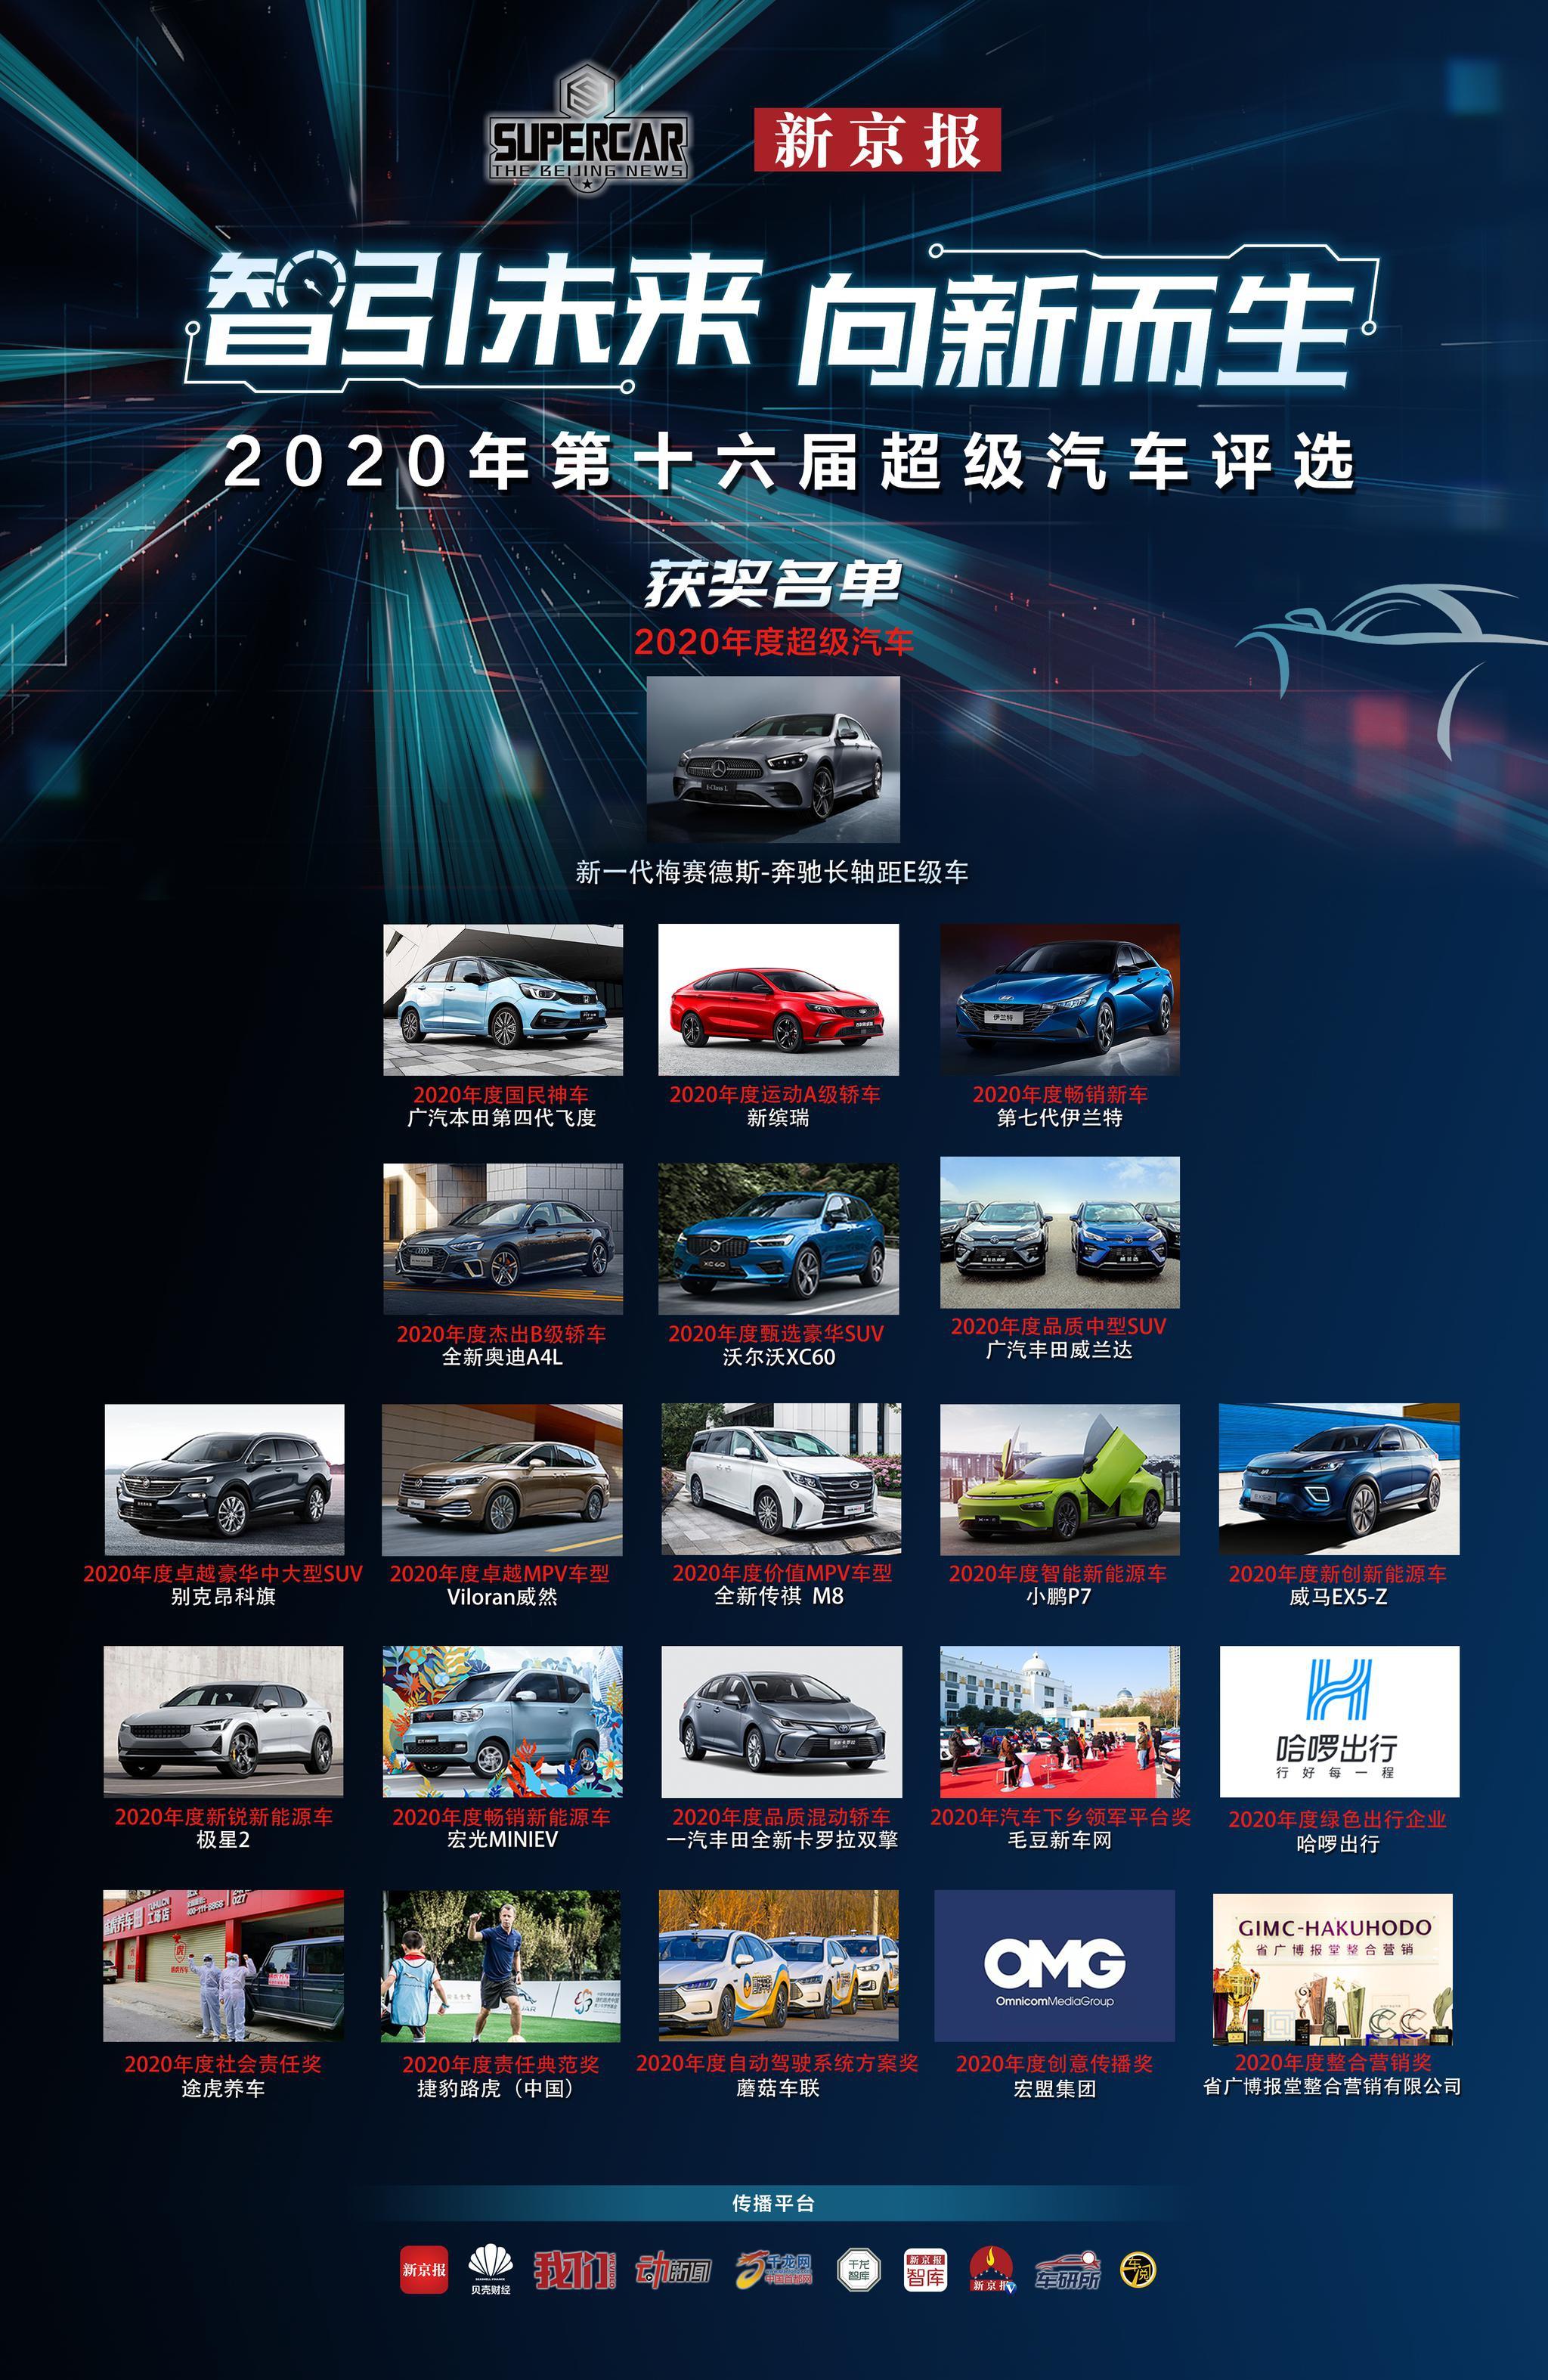 奔驰新一代长轴距E级车获新京报年度超级汽车,22个奖项揭晓